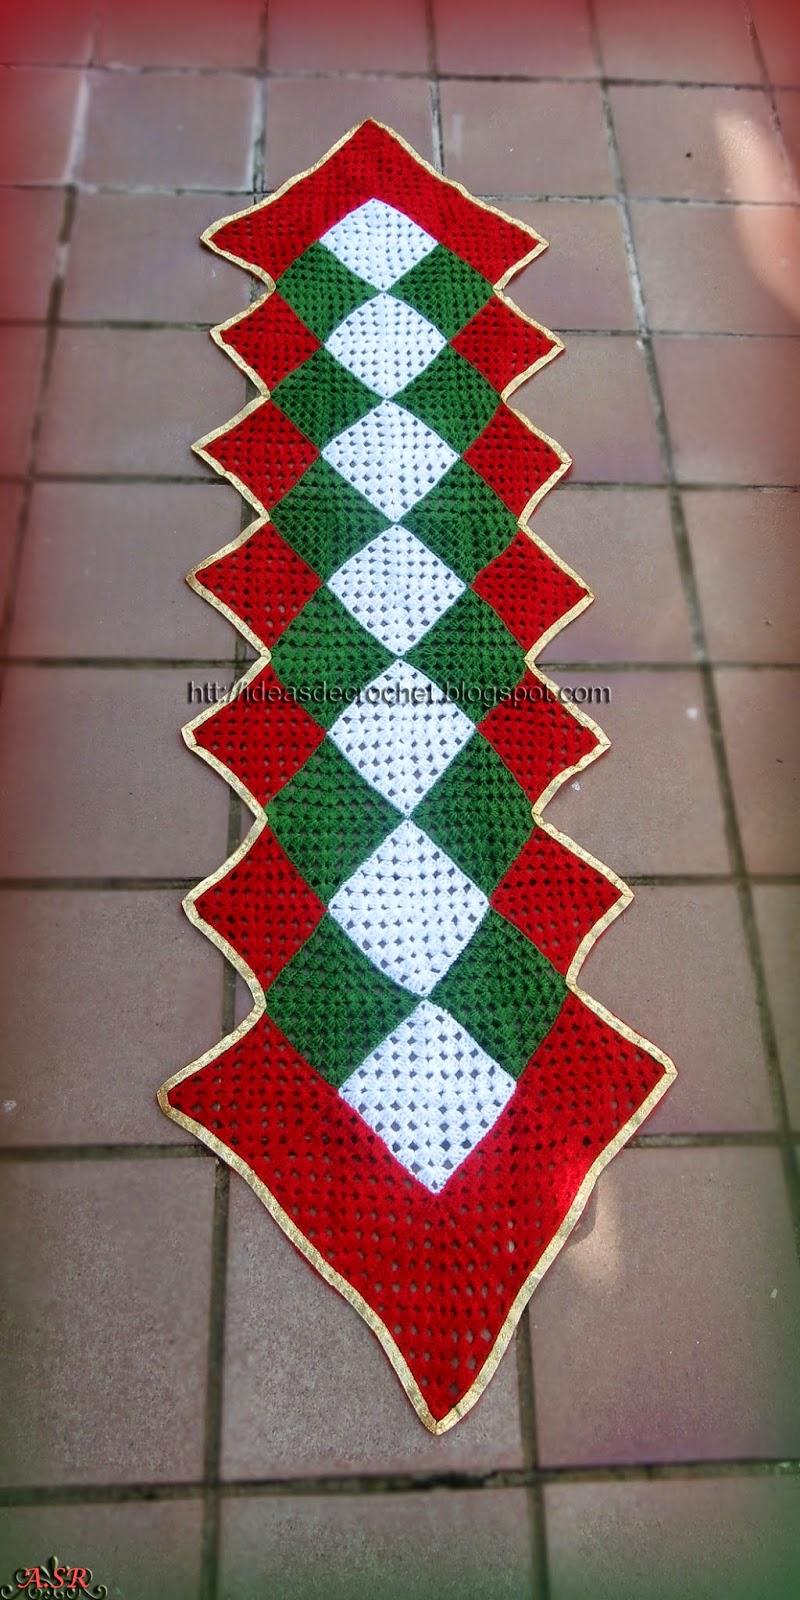 Ideas de crochet noviembre 2014 - Camino de mesa elegante en crochet ...